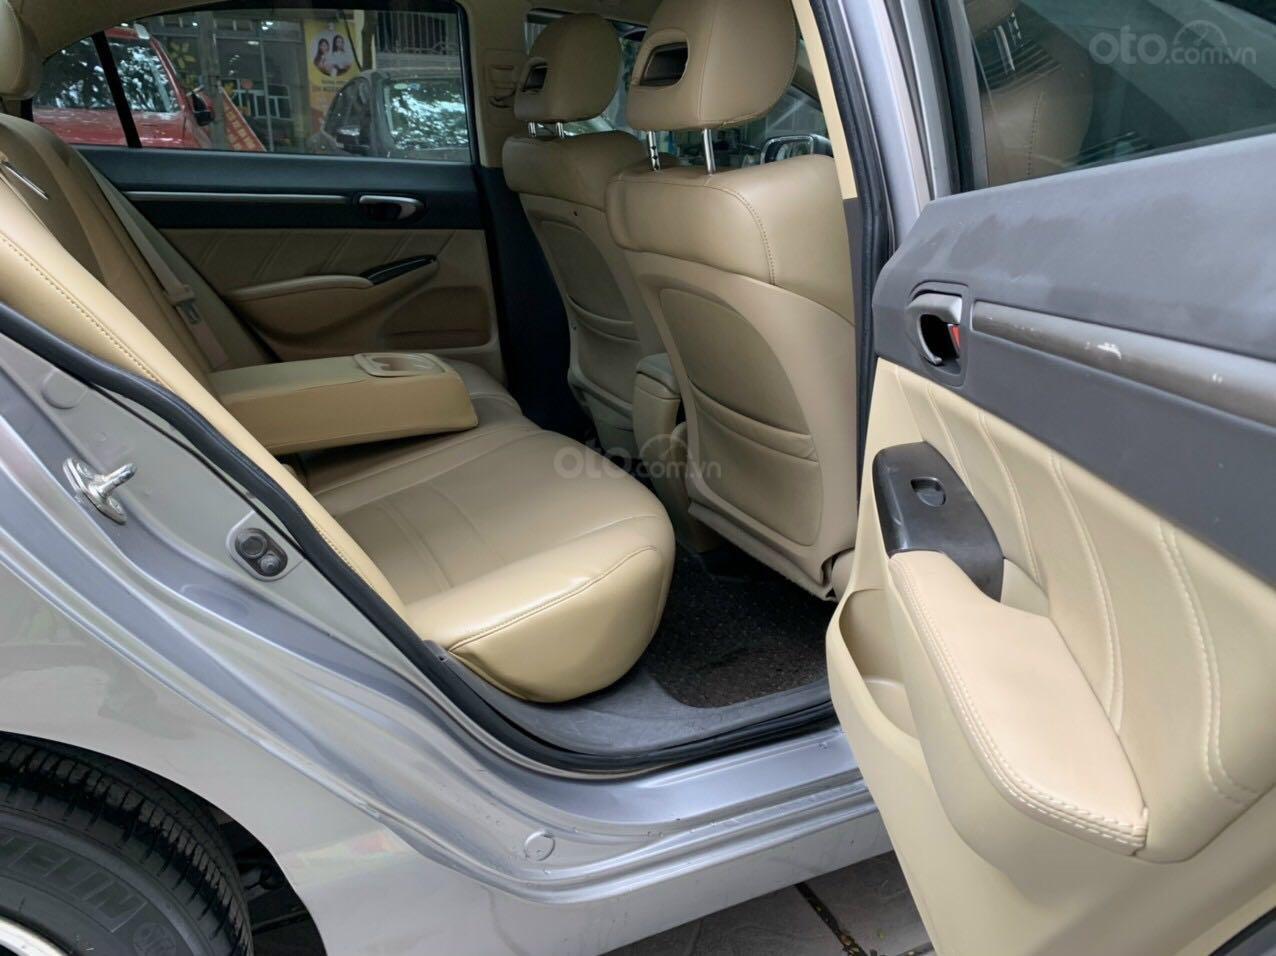 Cần bán Honda Civic đời 2008, màu ghi xám, chính chủ giá 295tr (9)